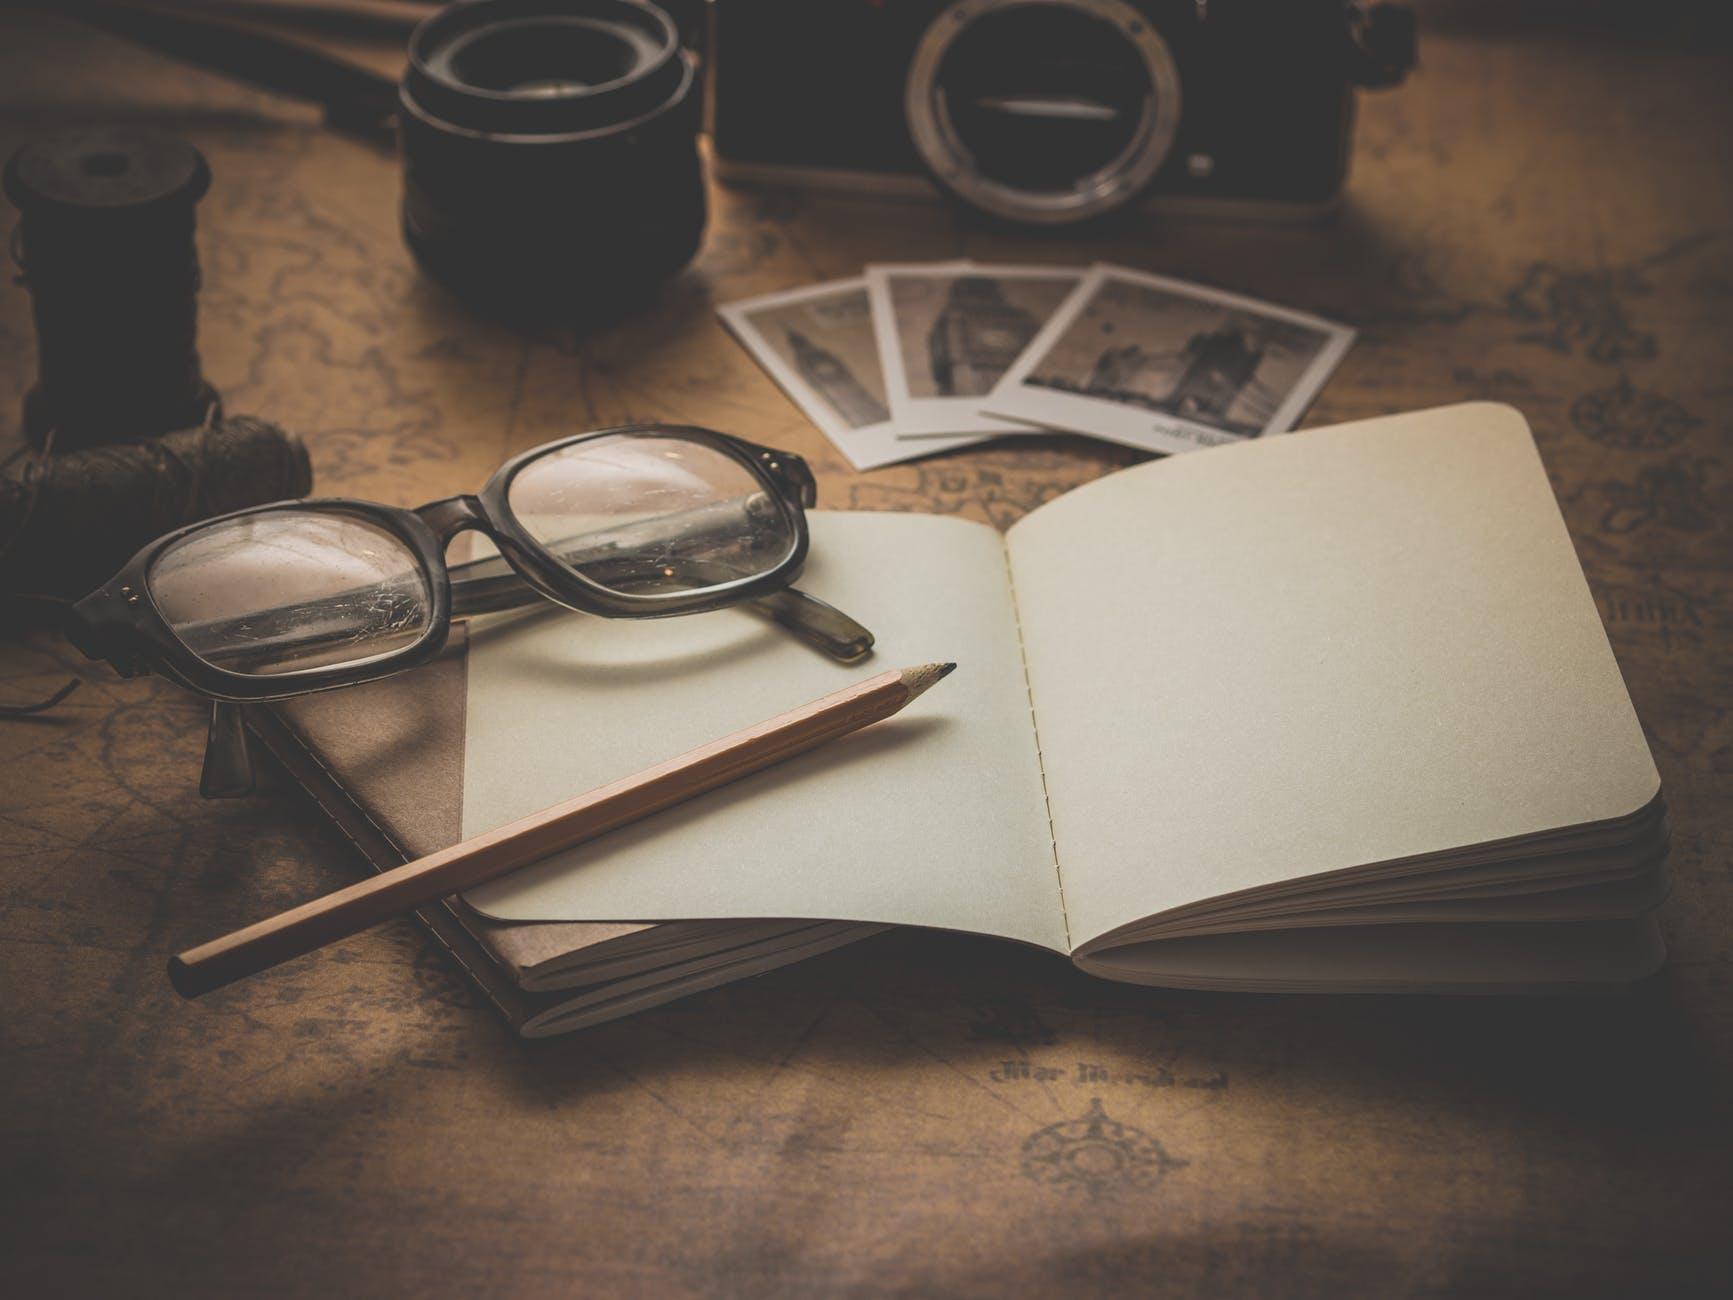 bút chì và mắt kính trên tờ giấy